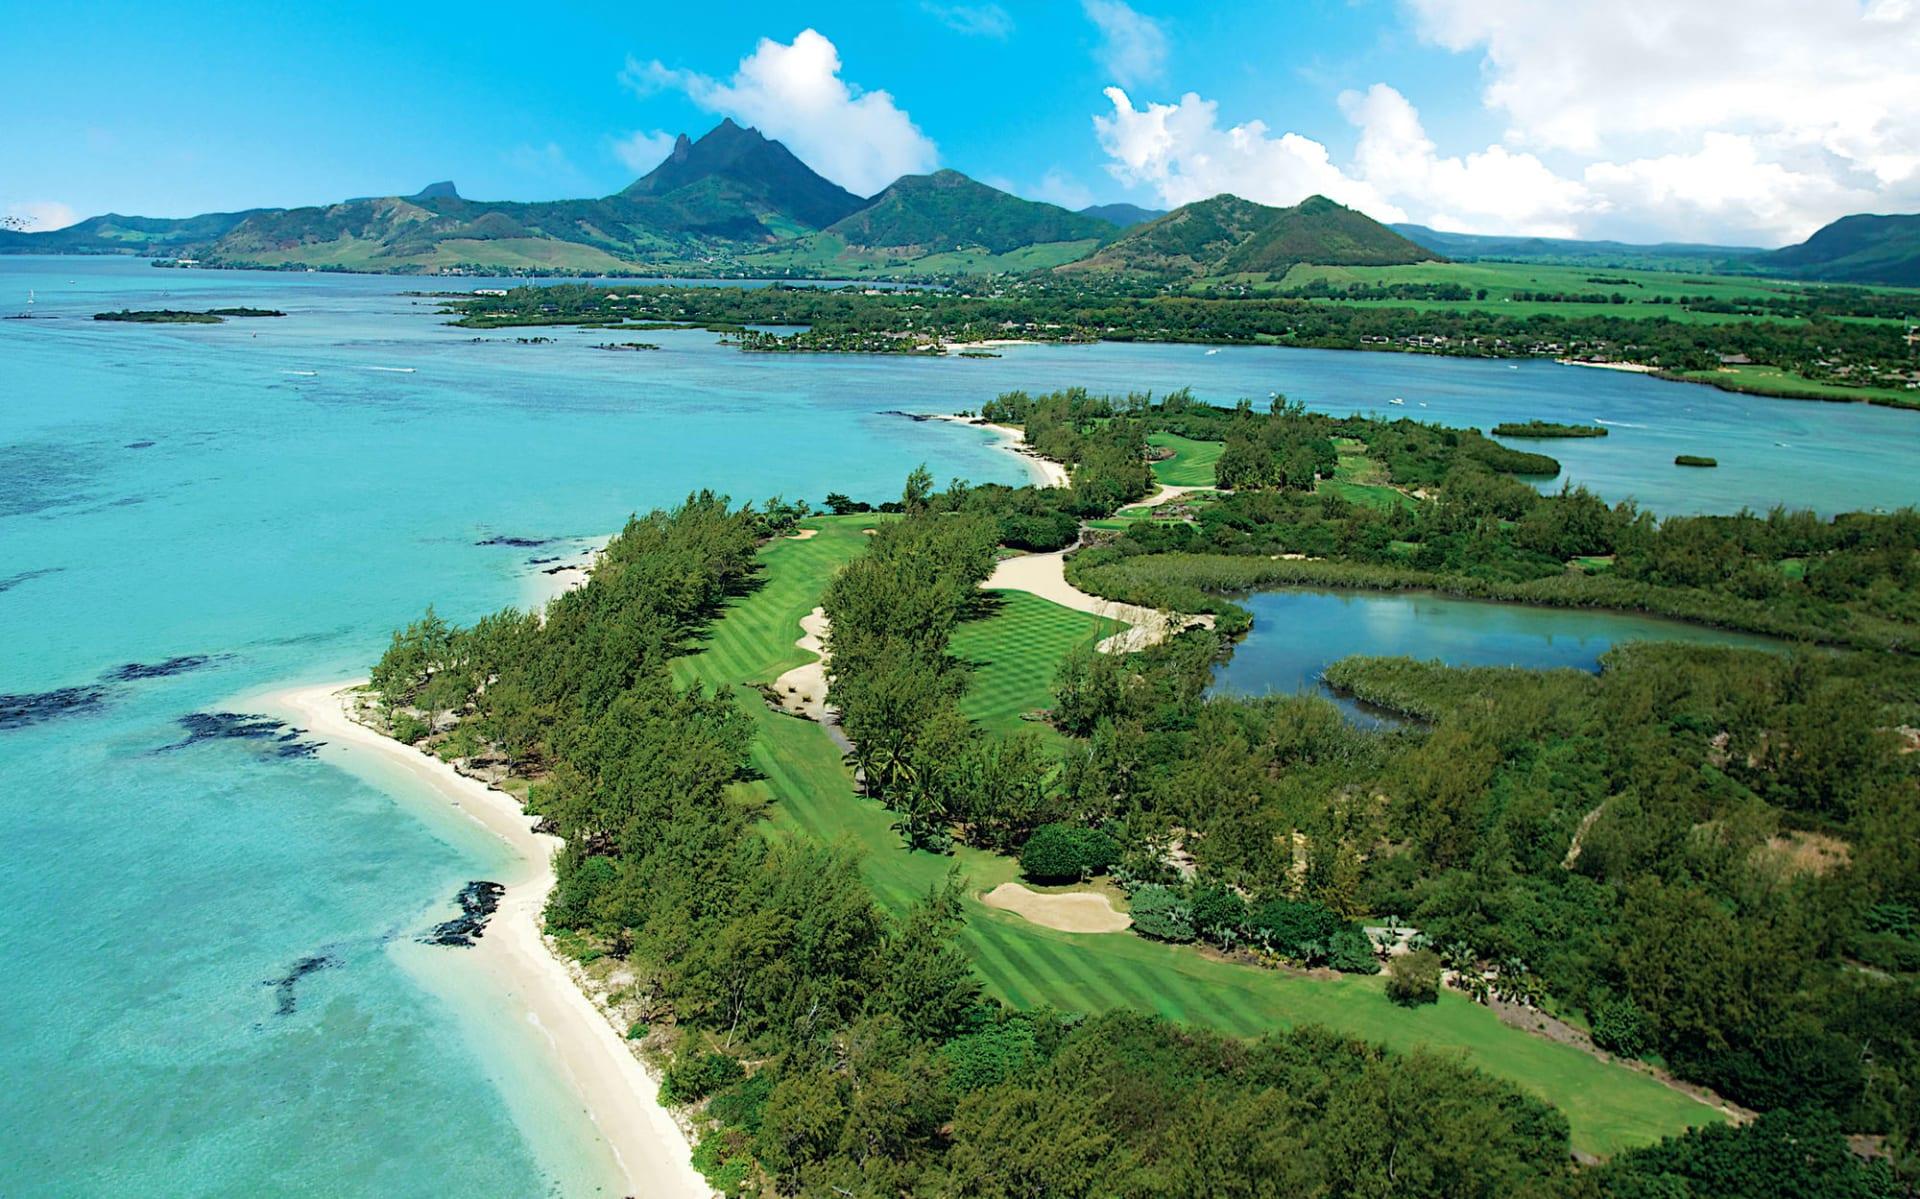 Shangri La's le Touessrok Resort & Spa in Trou d'Eau Douce:  Shangri La's le Tousessrok Resort & Spa - Ile aux Cerfs Golf Club